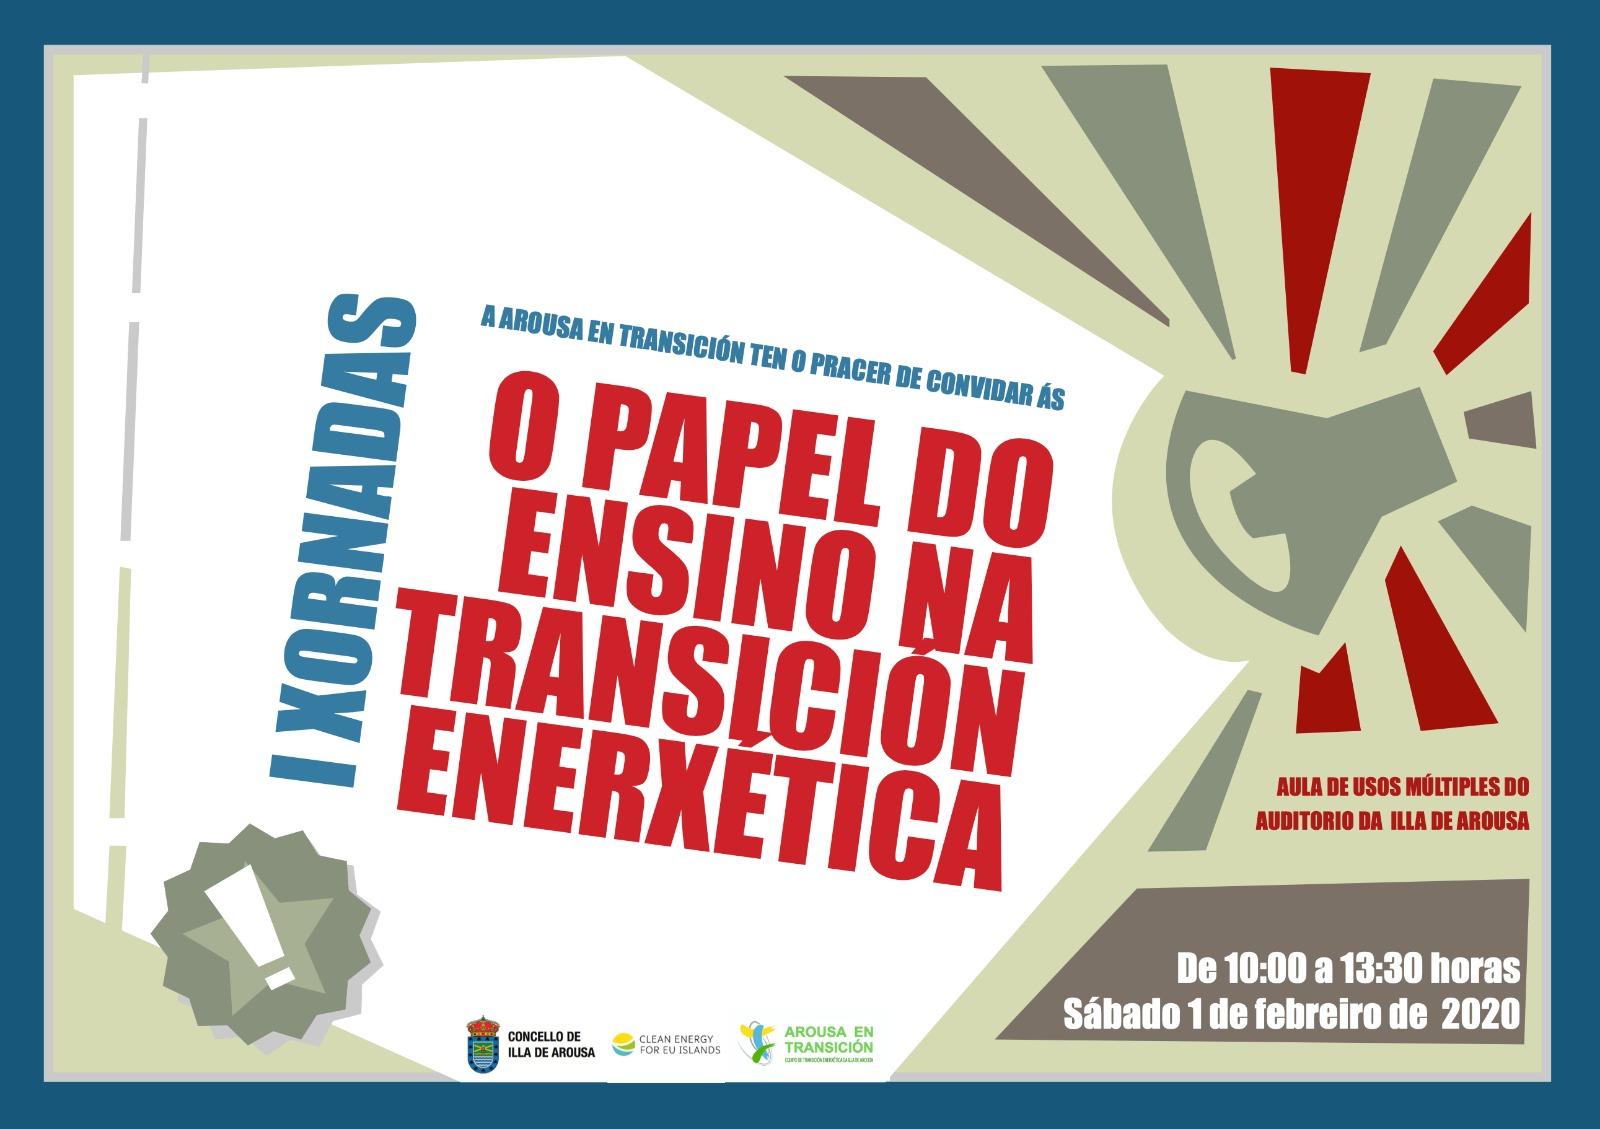 NOTA DE PRENSA: O PAPEL DO ENSINO NA TRANSICIÓN ENERXÉTICA